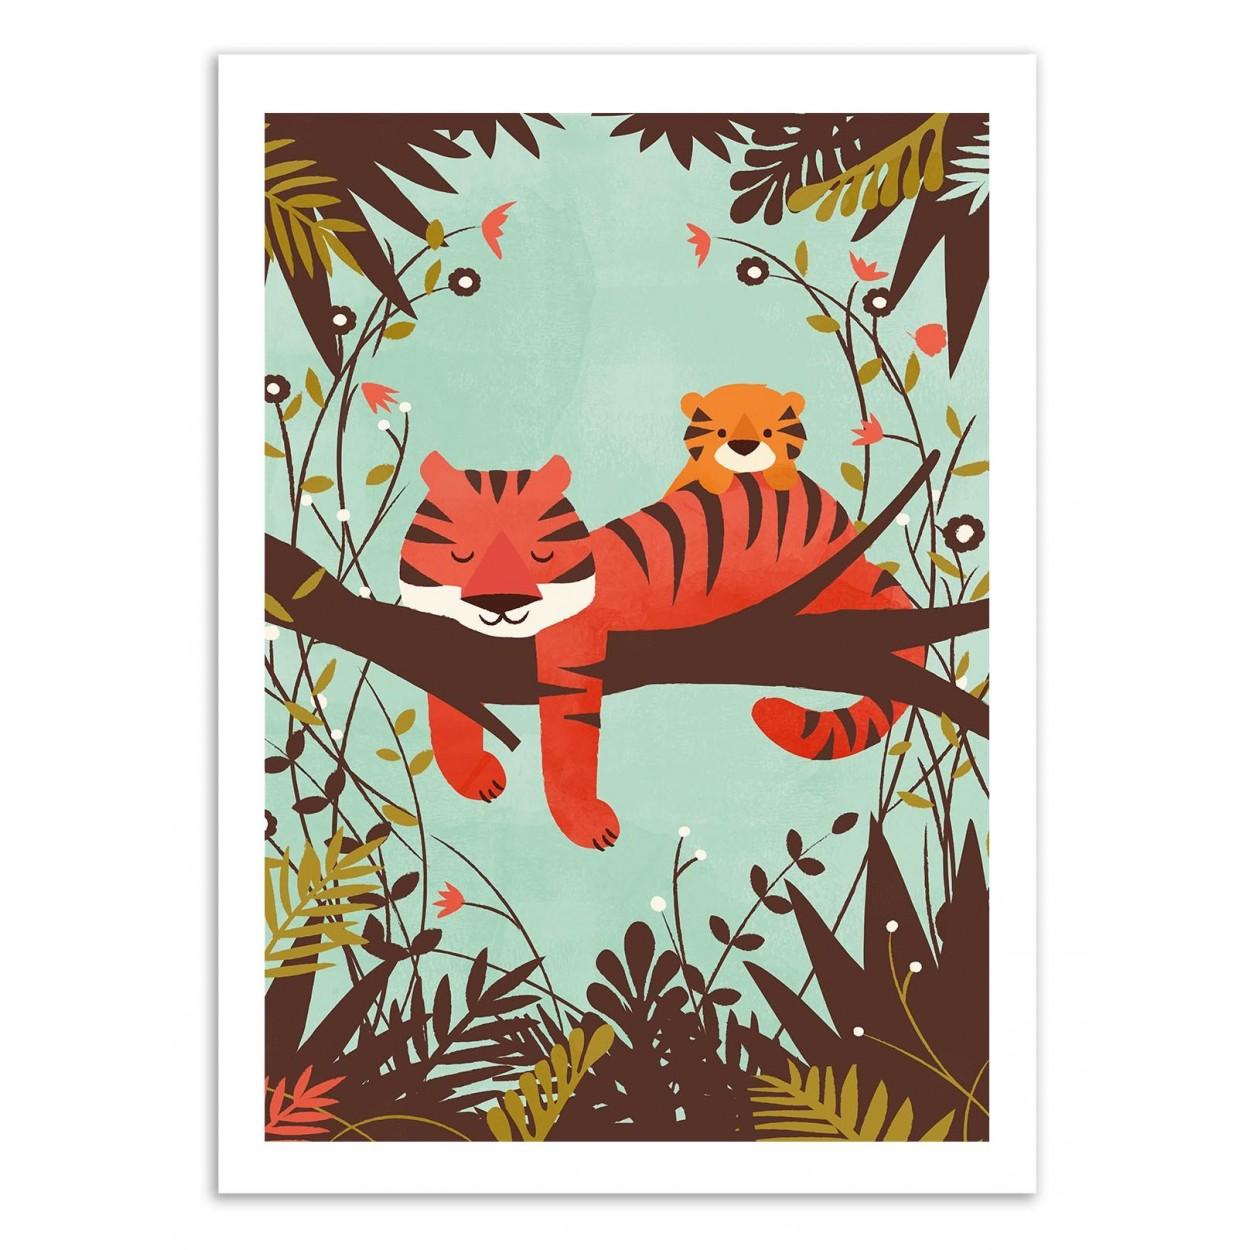 SLEEPING TIGER -  Affiche d'art 50 x 70 cm